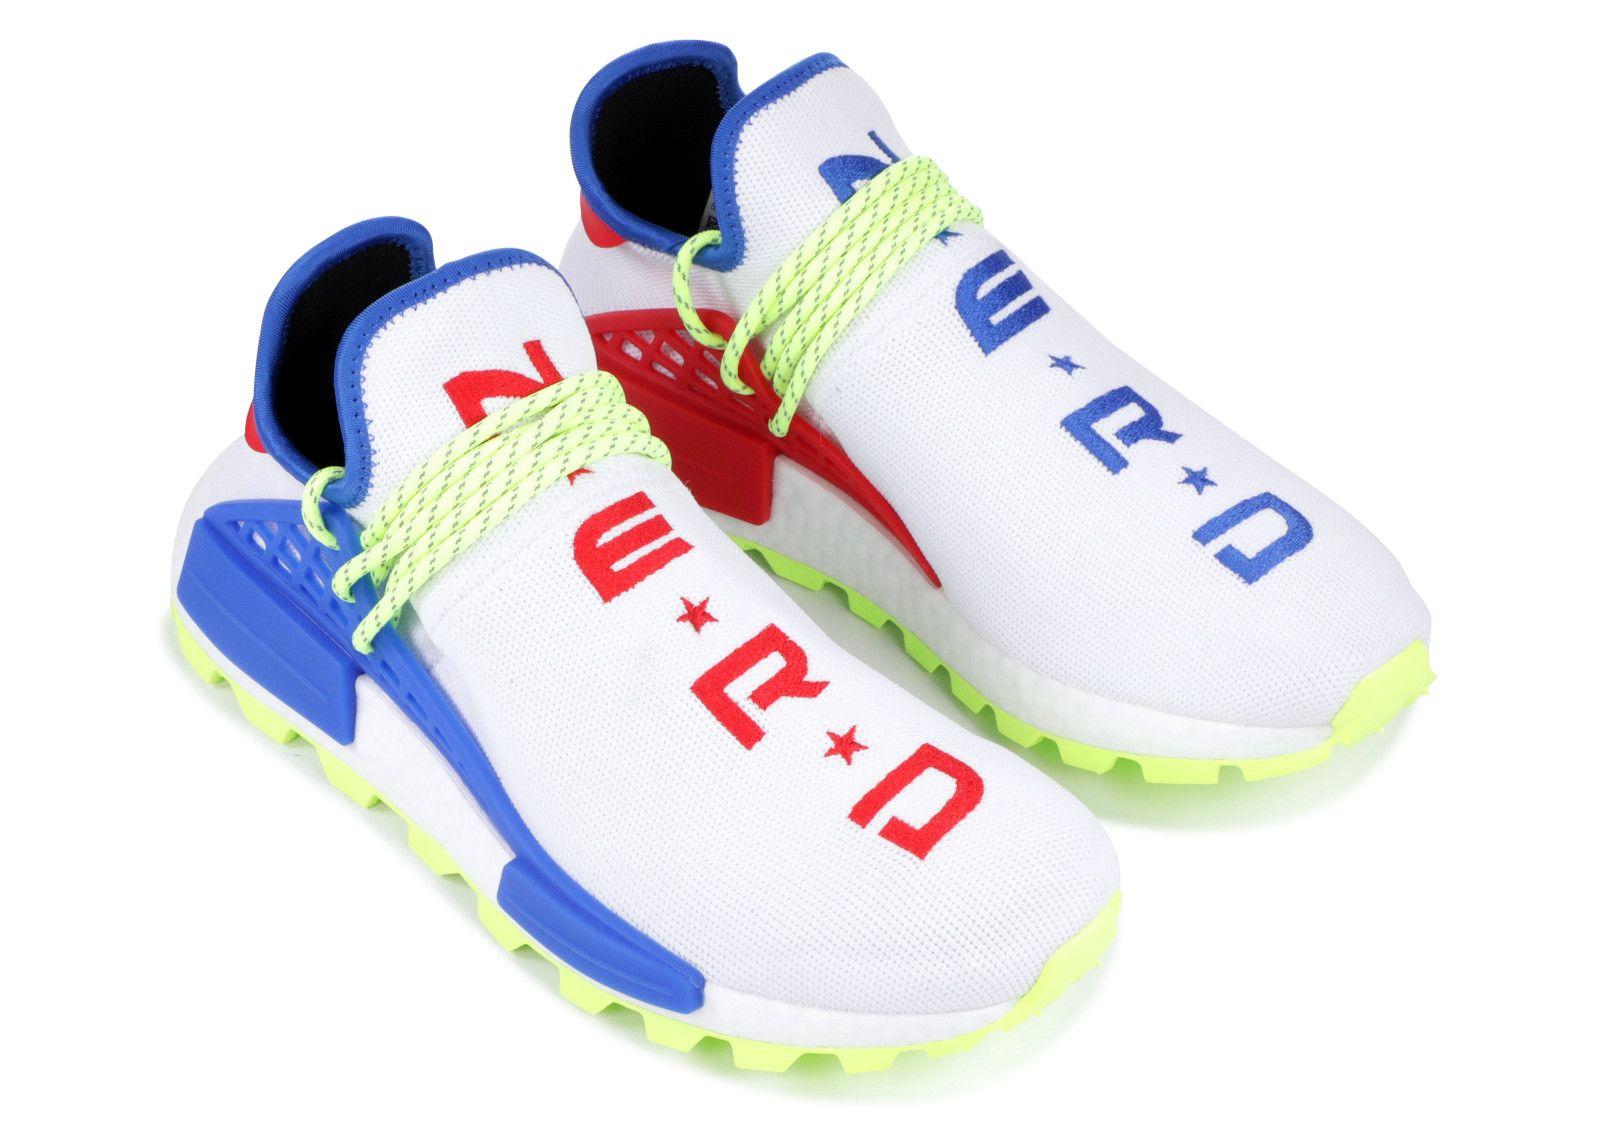 adidas nerd nmd